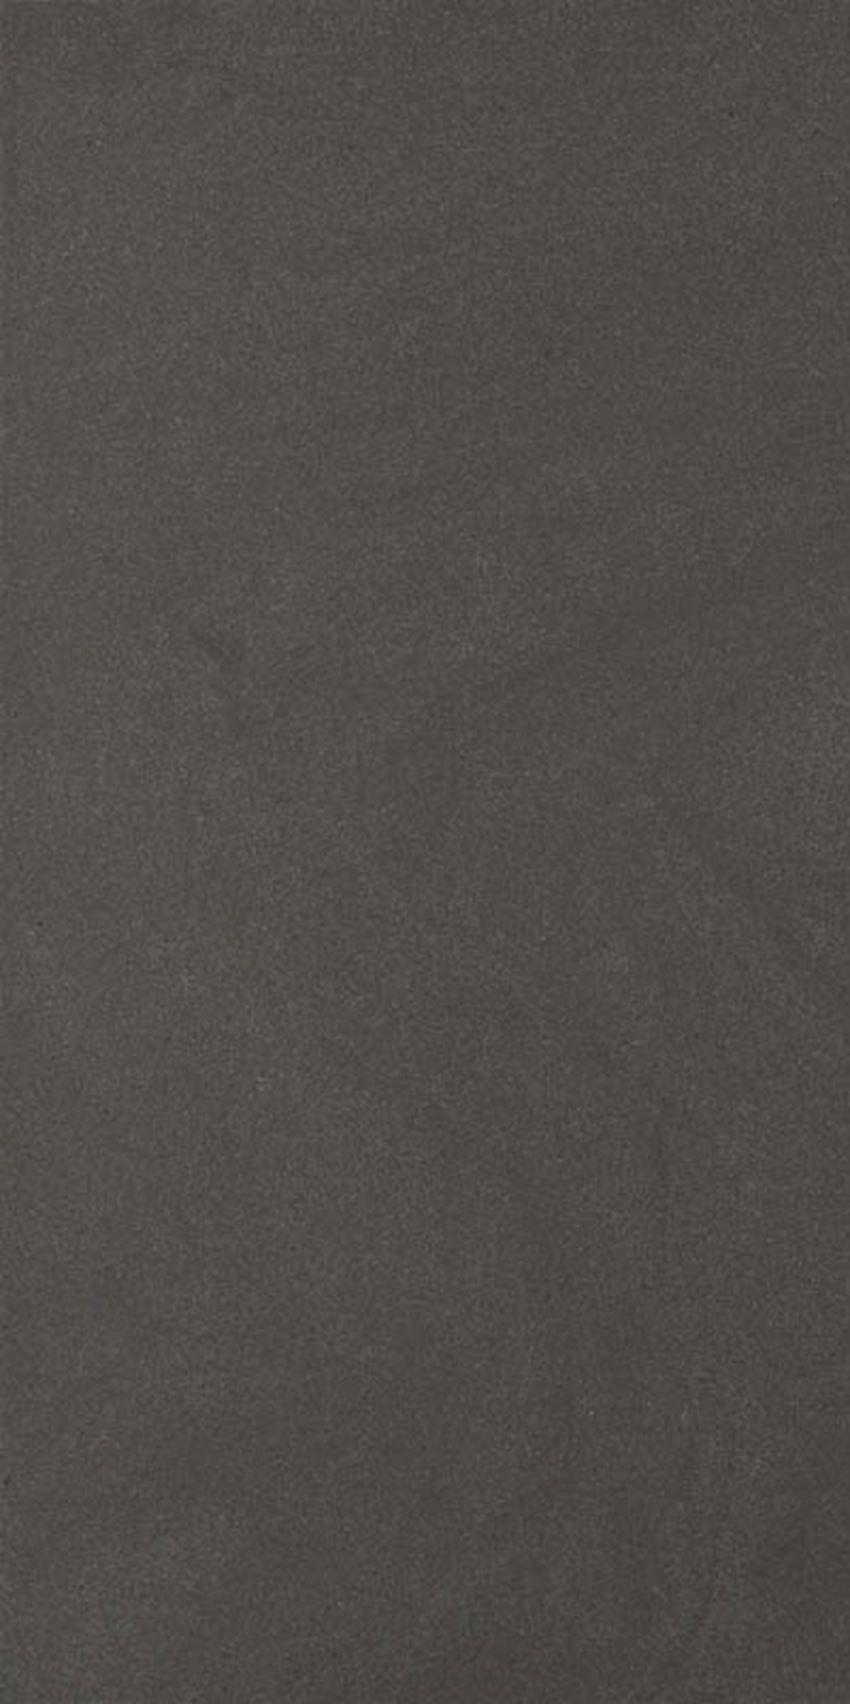 Płytka ścienno-podłogowa 29,8x59,8 cm Paradyż Rockstone Grafit Gres Rekt. Mat.